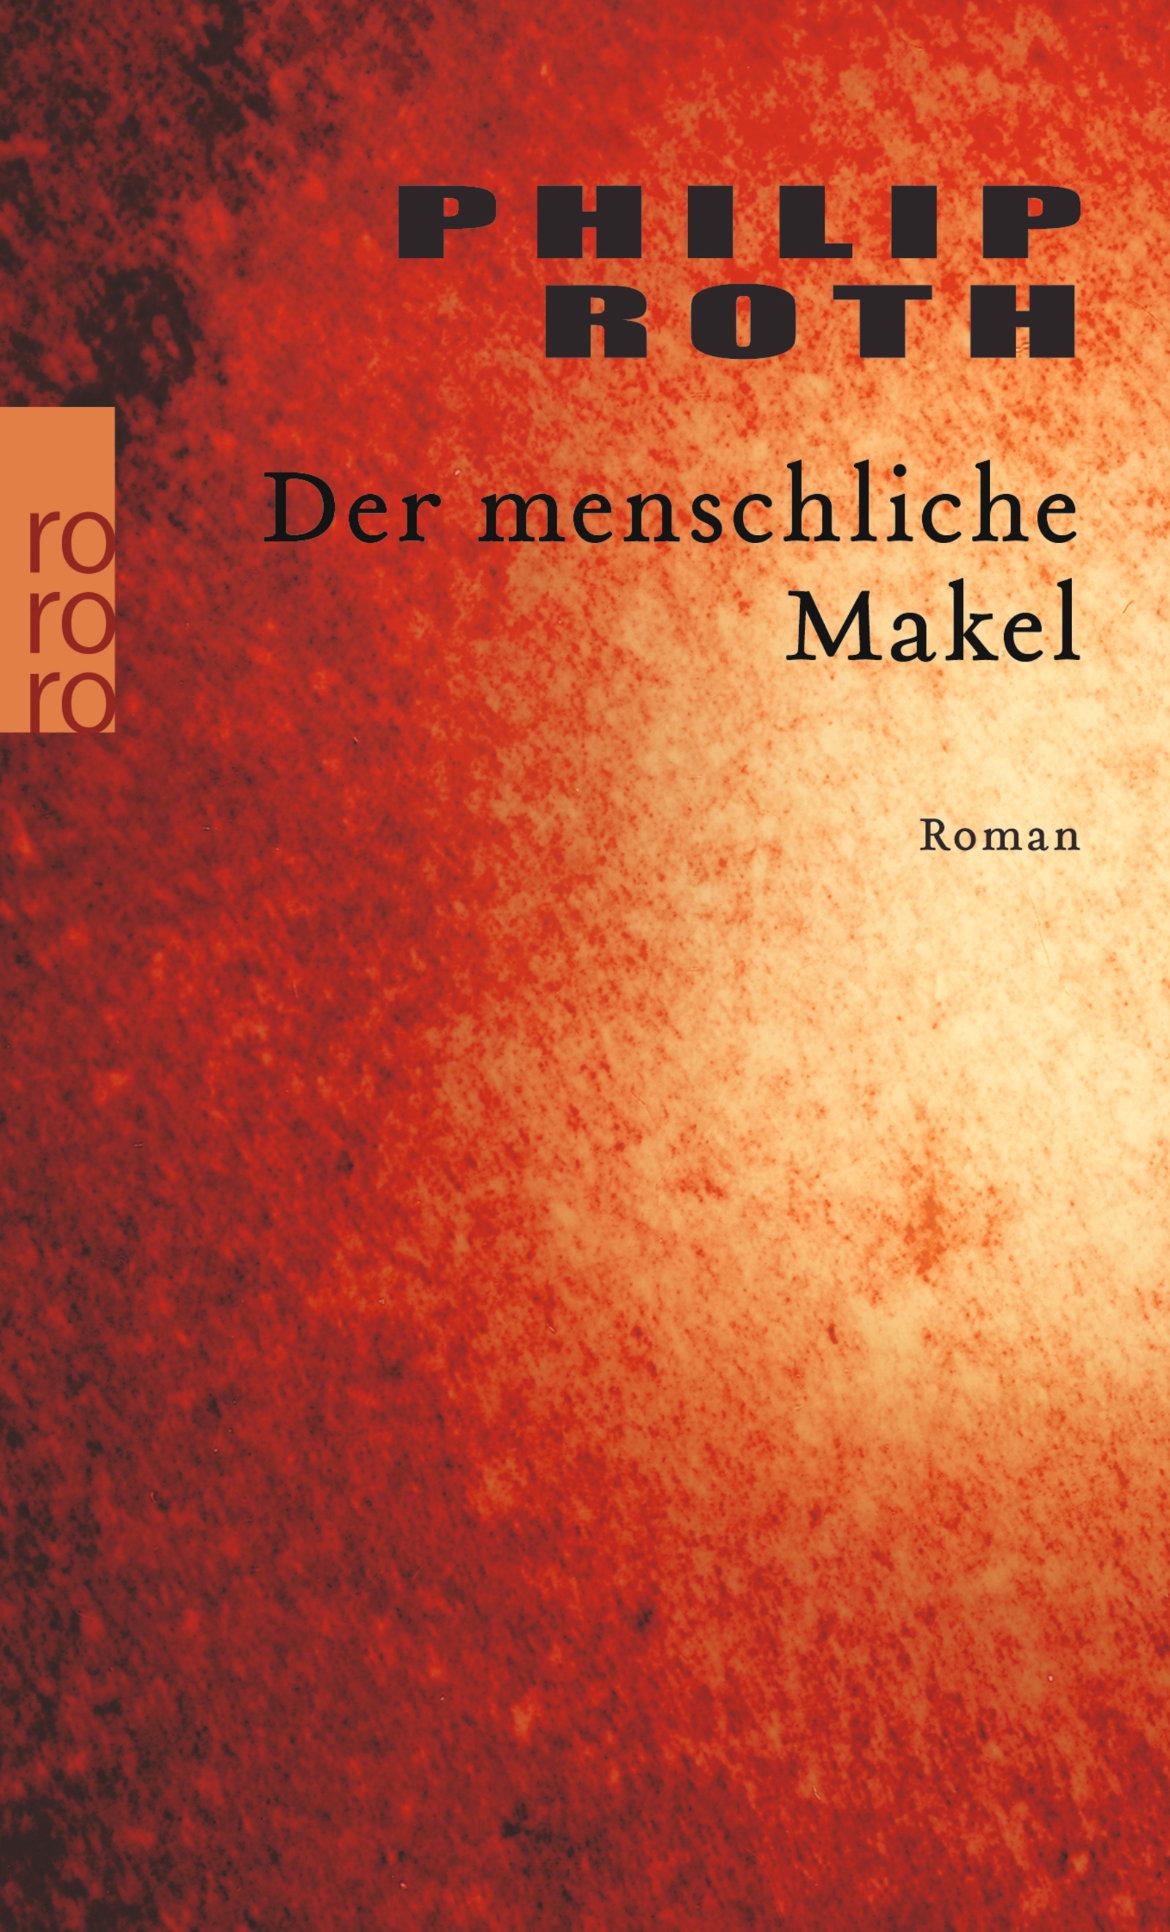 Buchcover Der menschliche Makel von Philip Roth